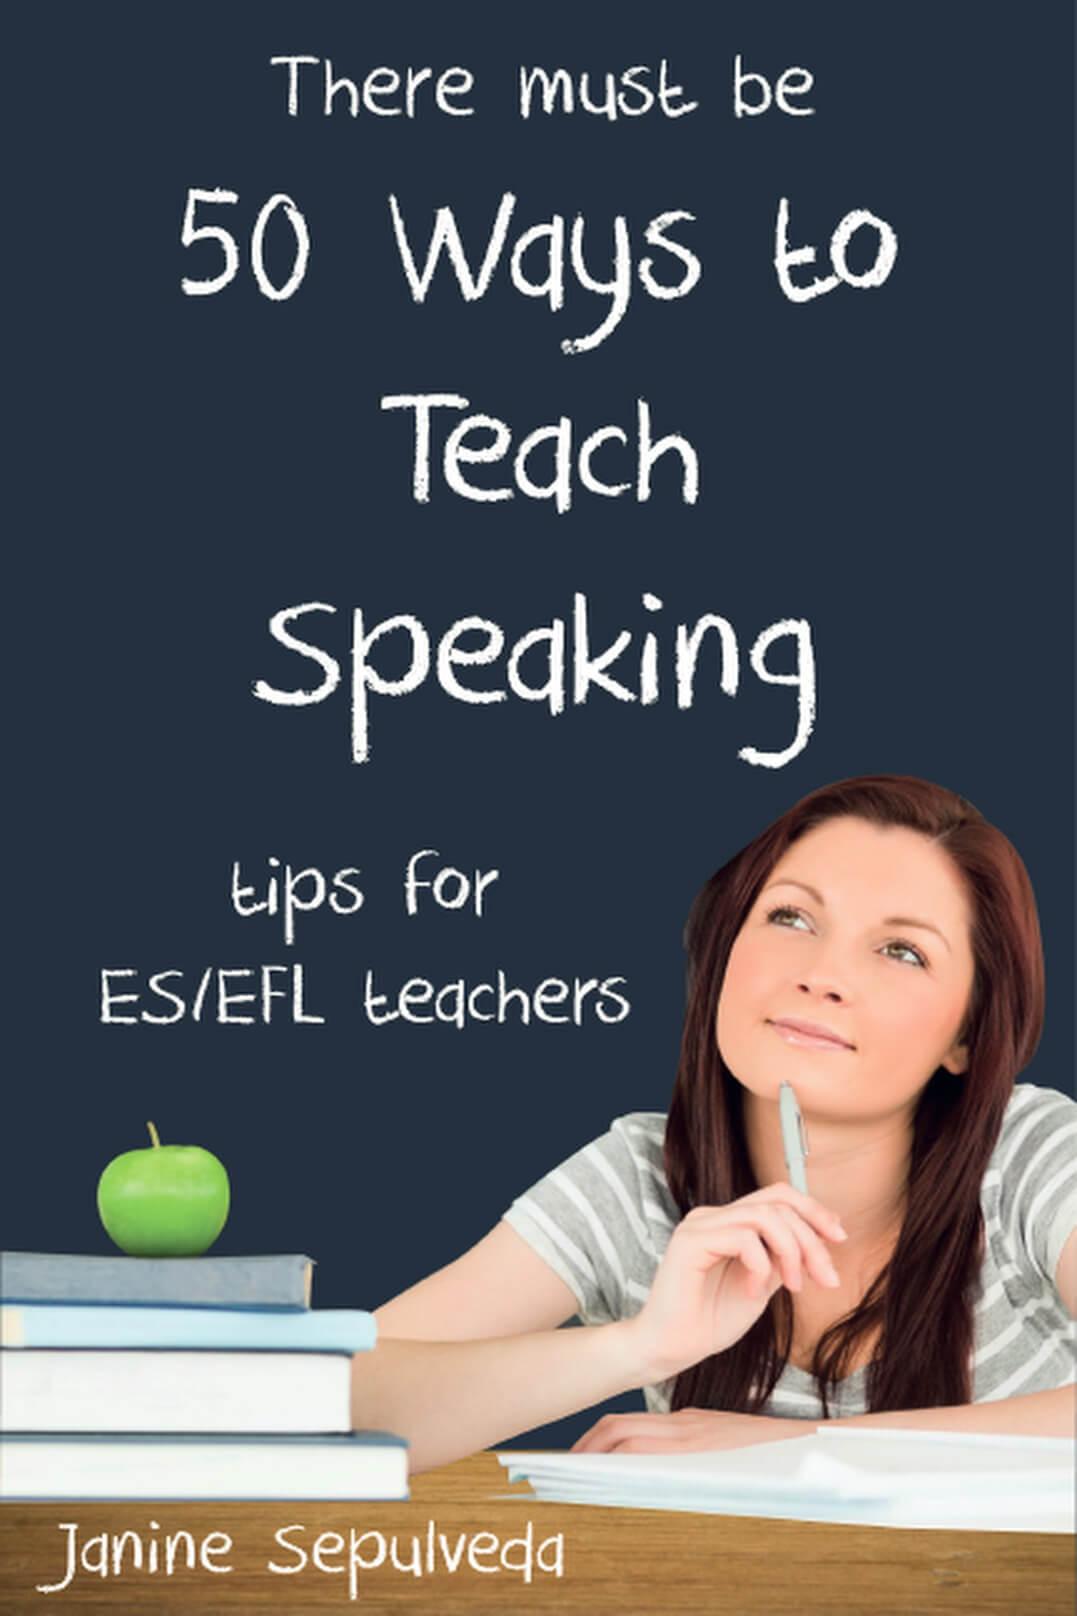 50 ways to teach Speaking